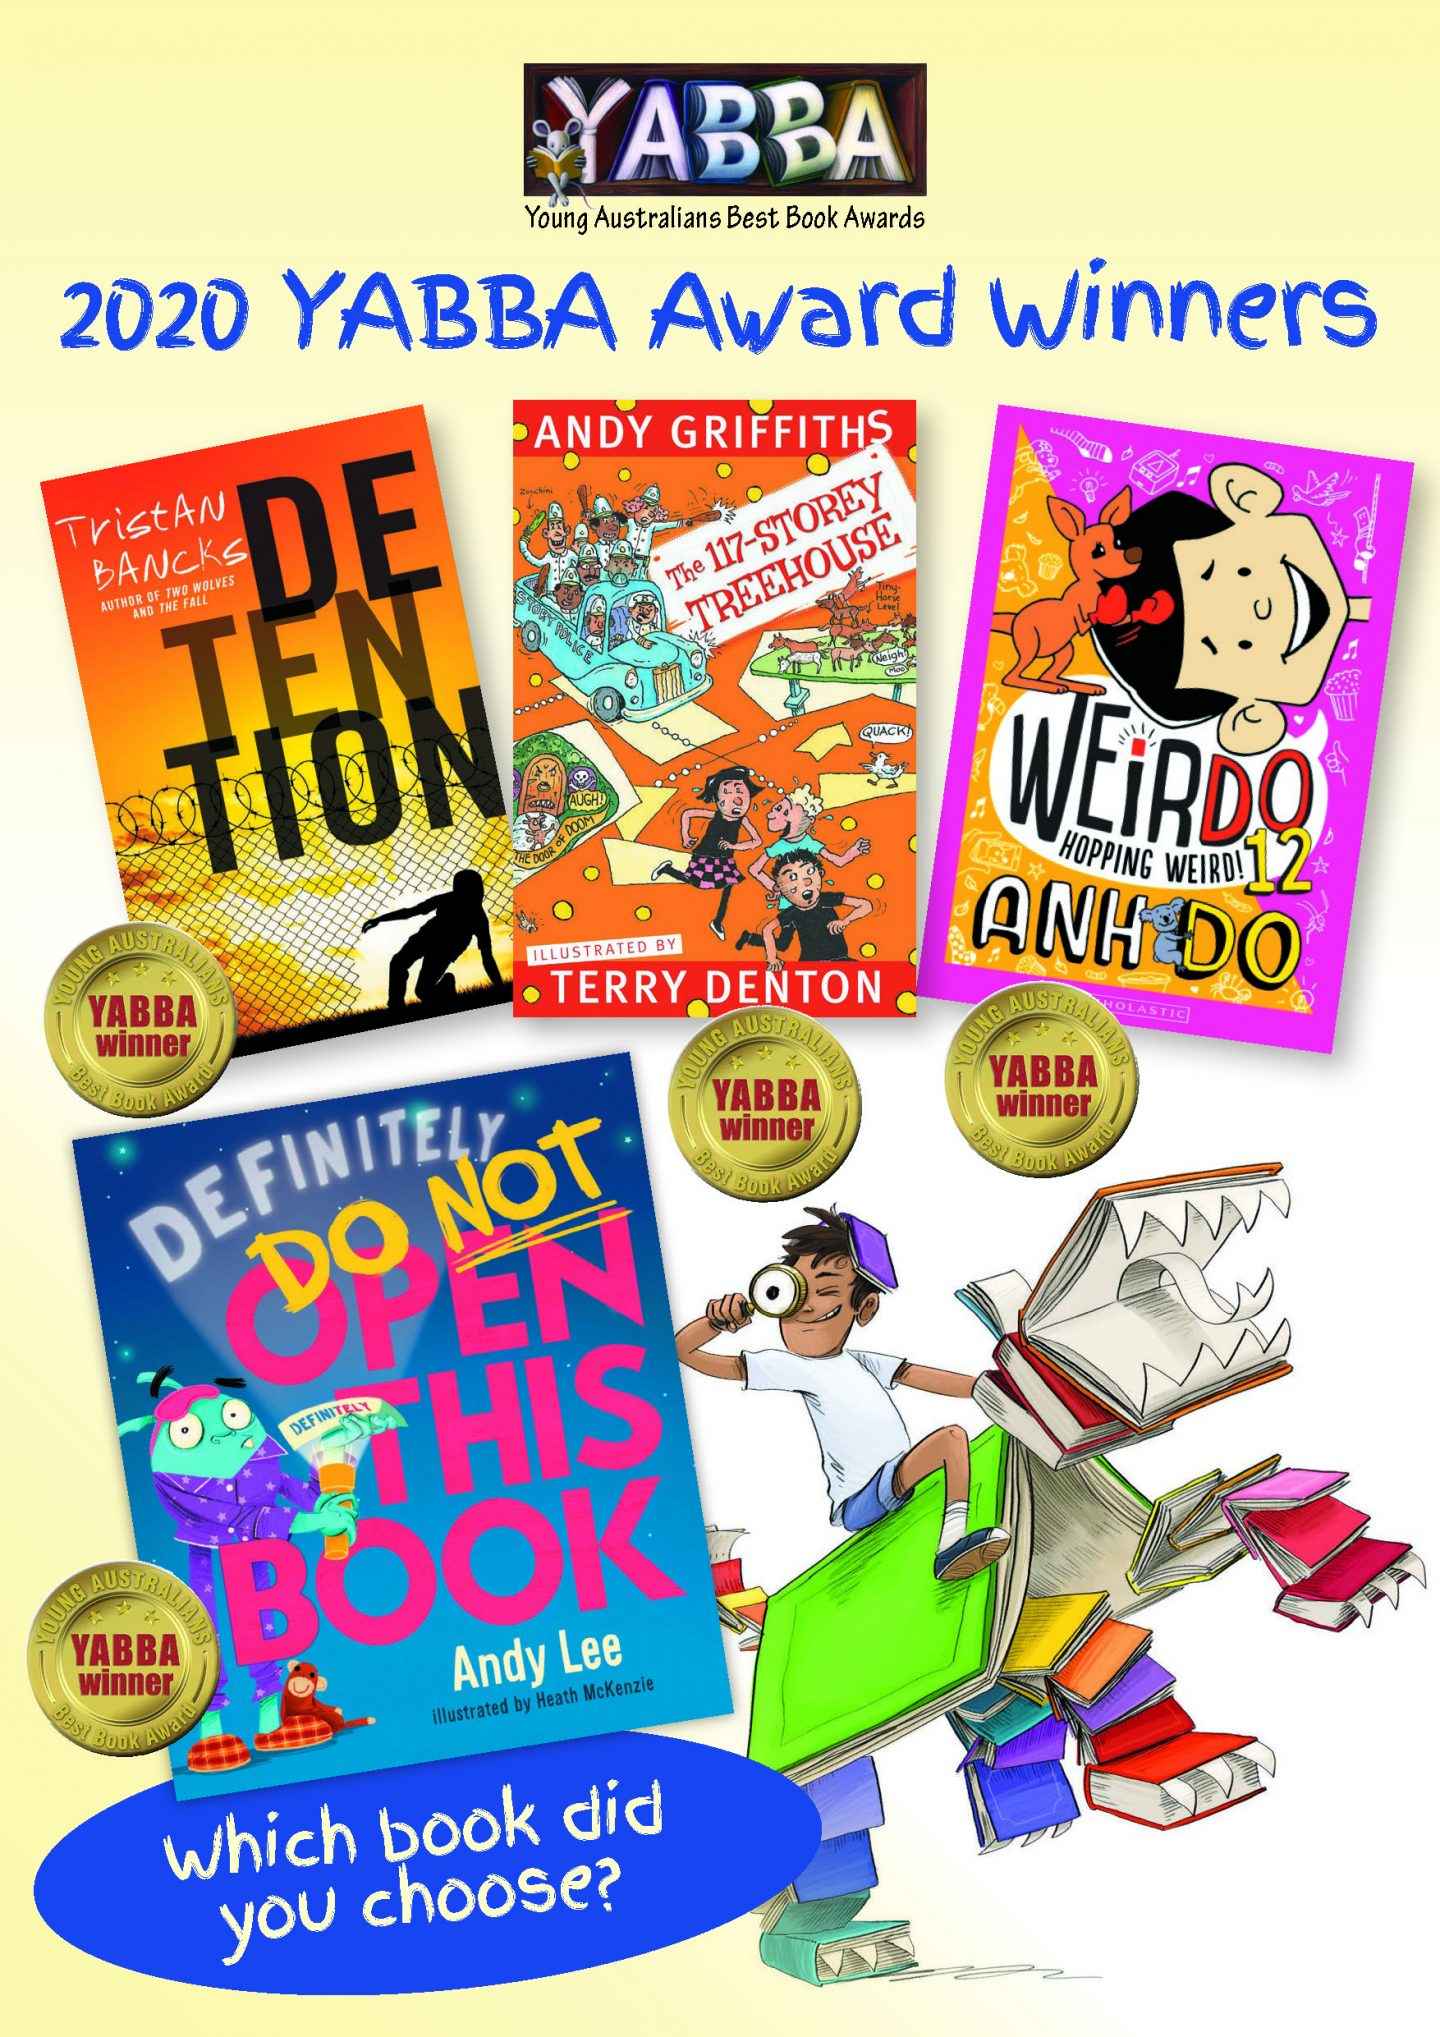 YABBA and KOALA Children's Choice Awards 2020